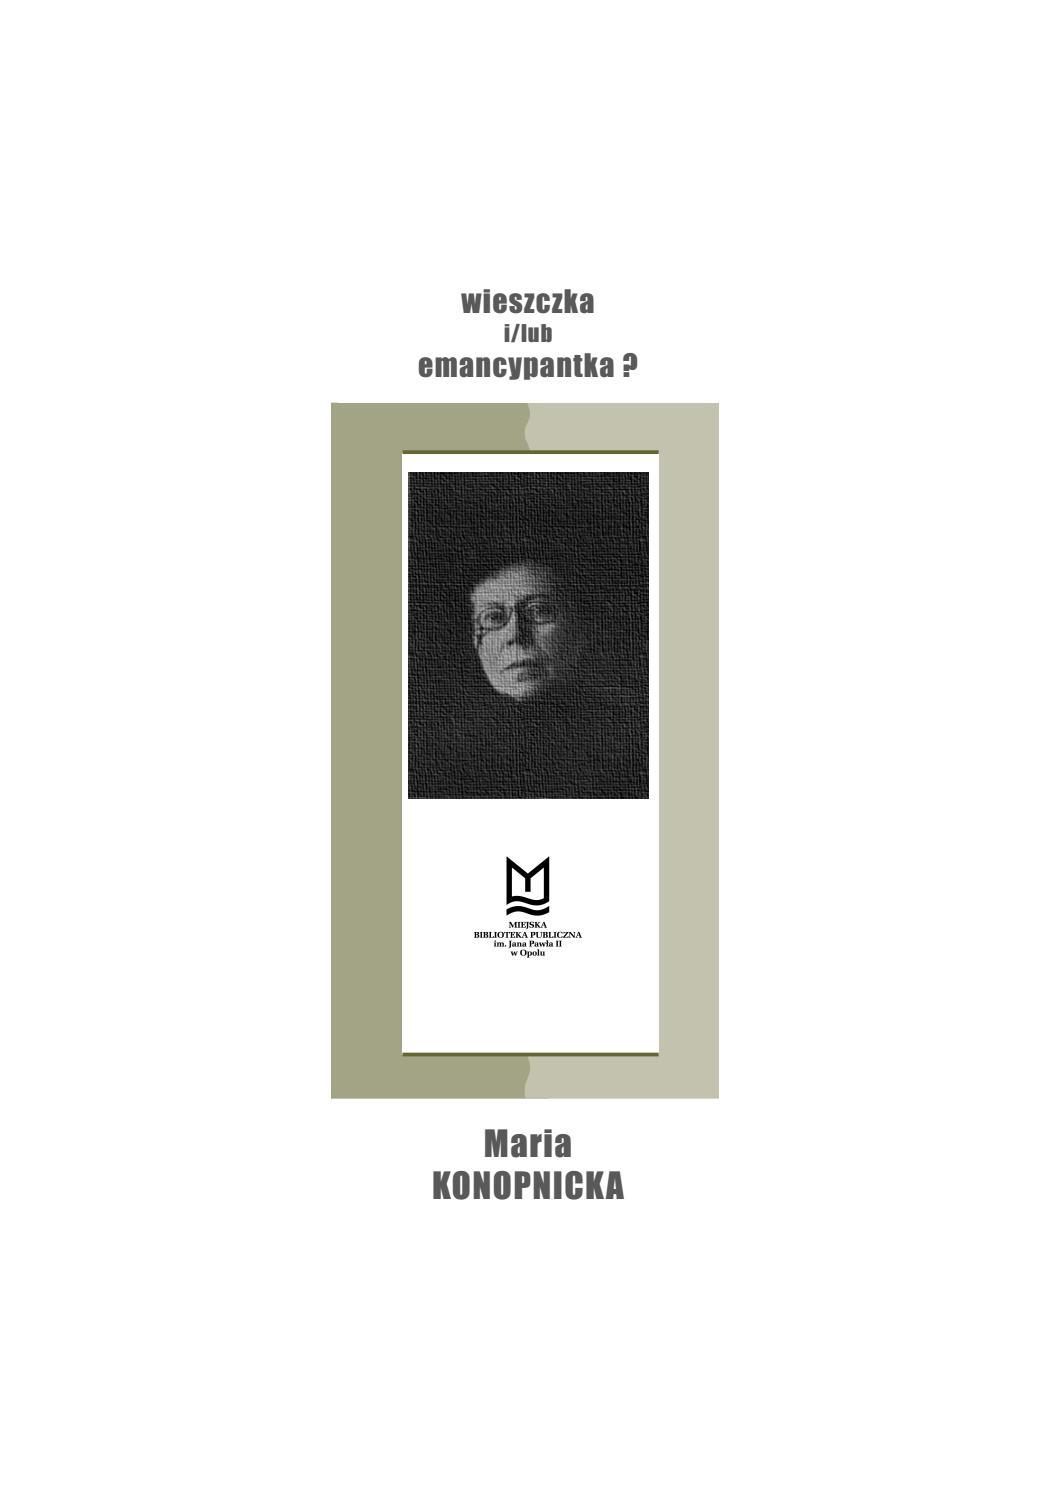 Maria Konopnicka Wieszczka Ilub Emancypantka By Miejska